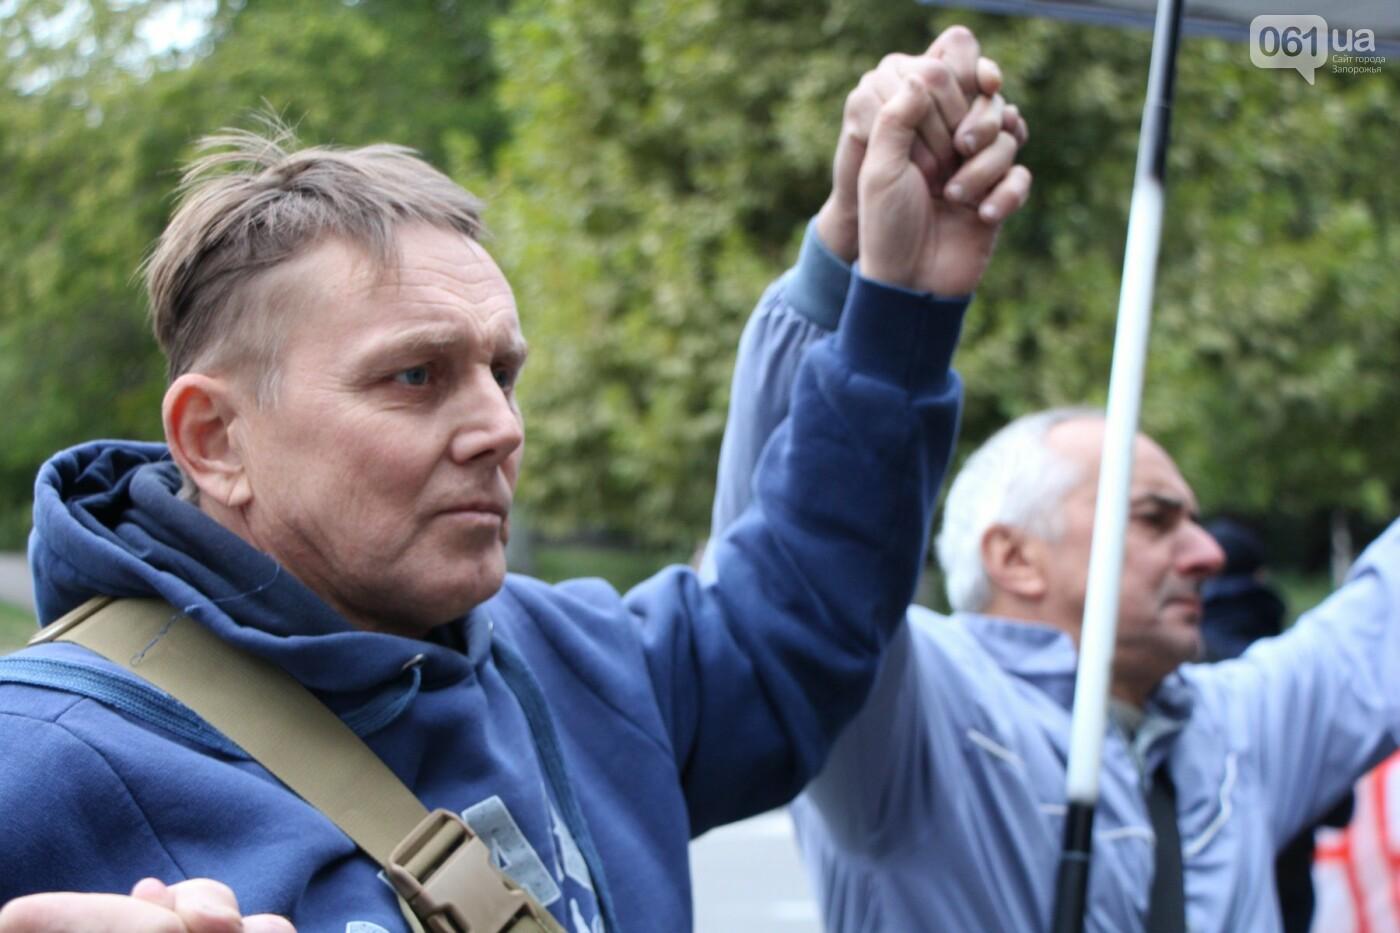 Активисты под прицелом: в Запорожье под зданием Нацполиции митинговали за расследование преступлений, - ФОТОРЕПОРТАЖ, фото-13